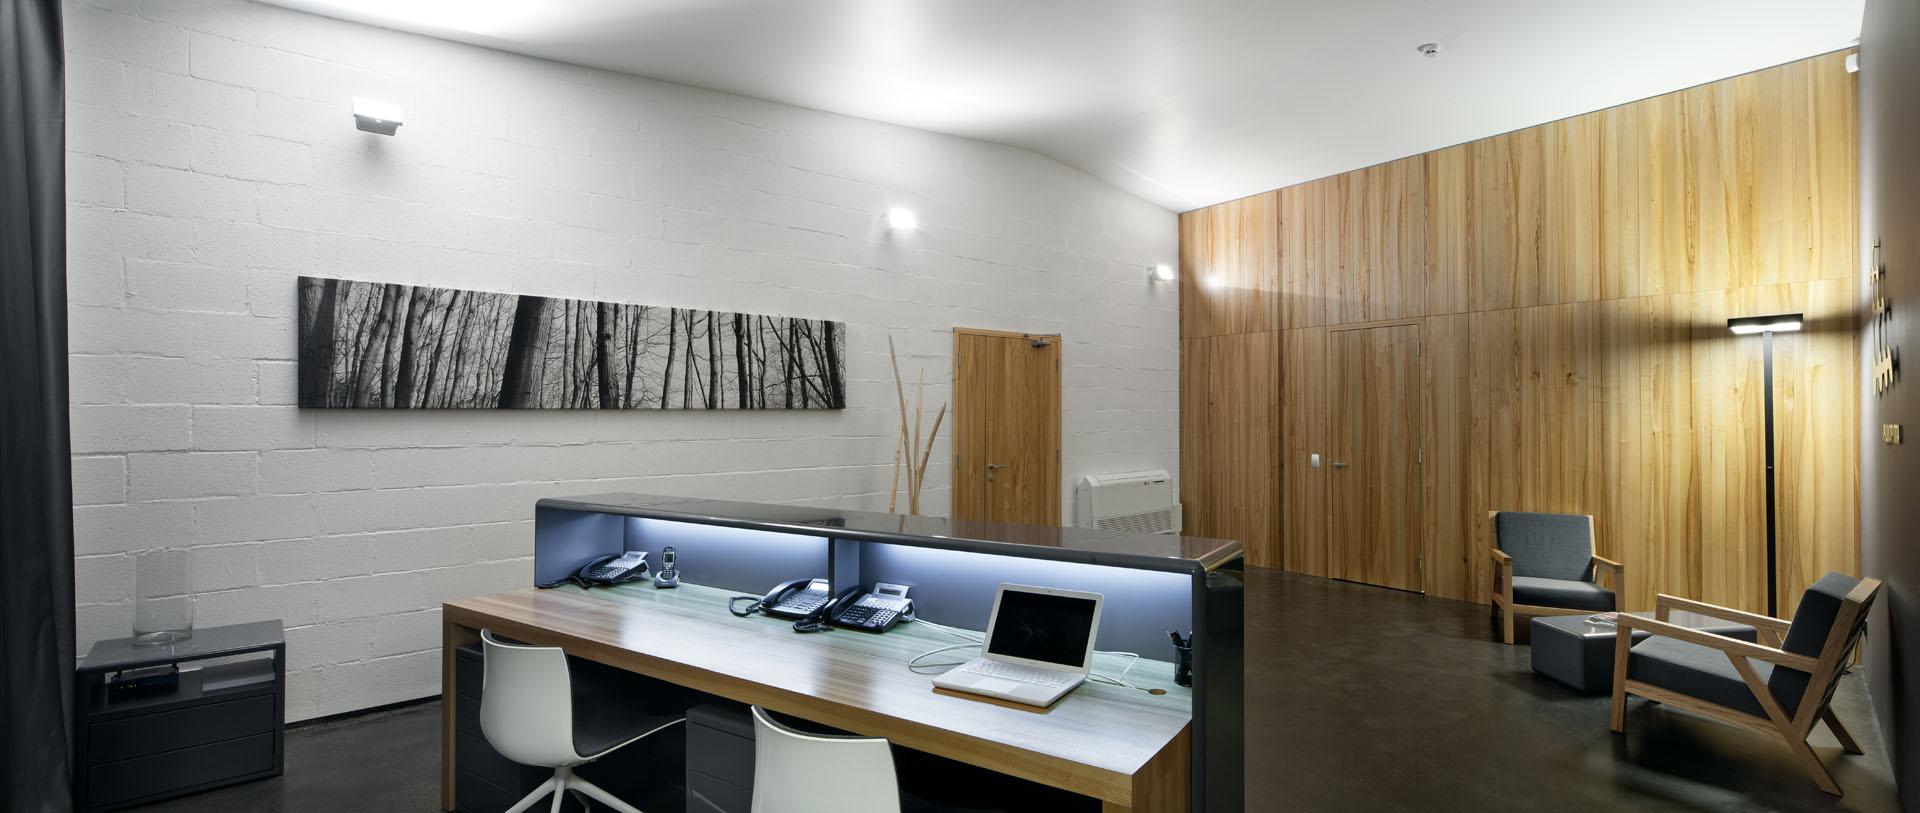 Офис Радиогруппы «UMH»